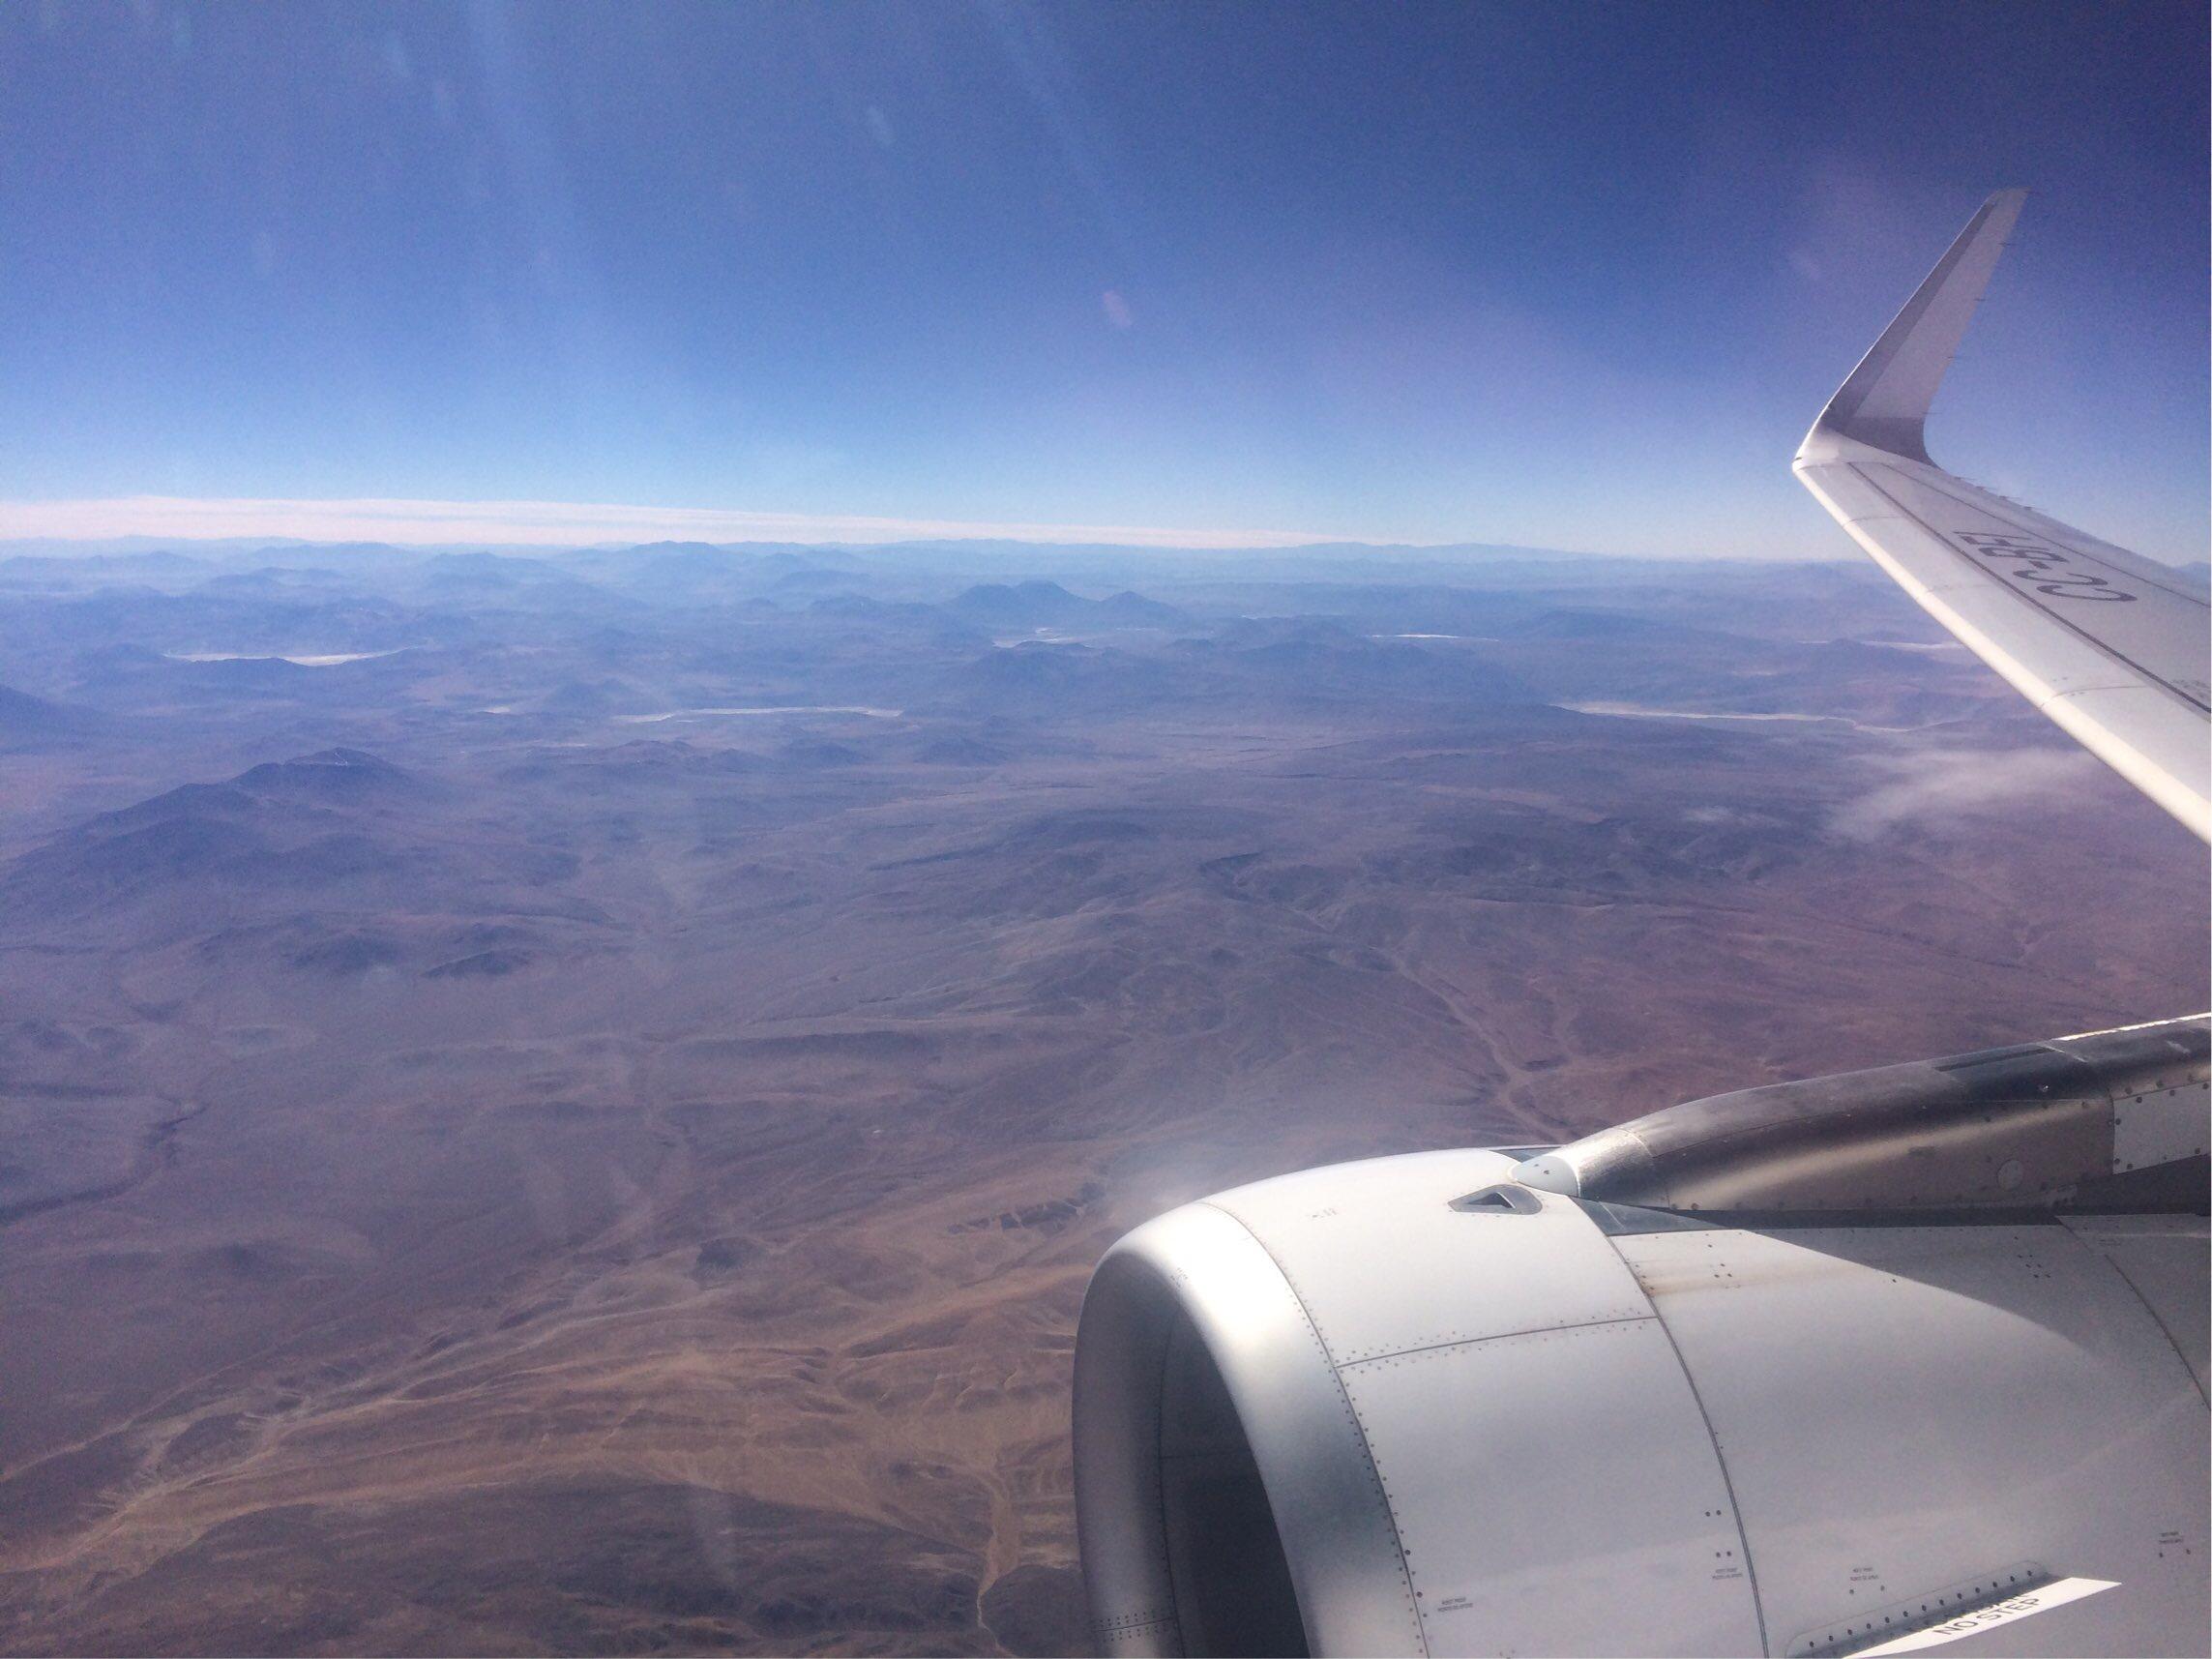 img 3843 - In die Wüste